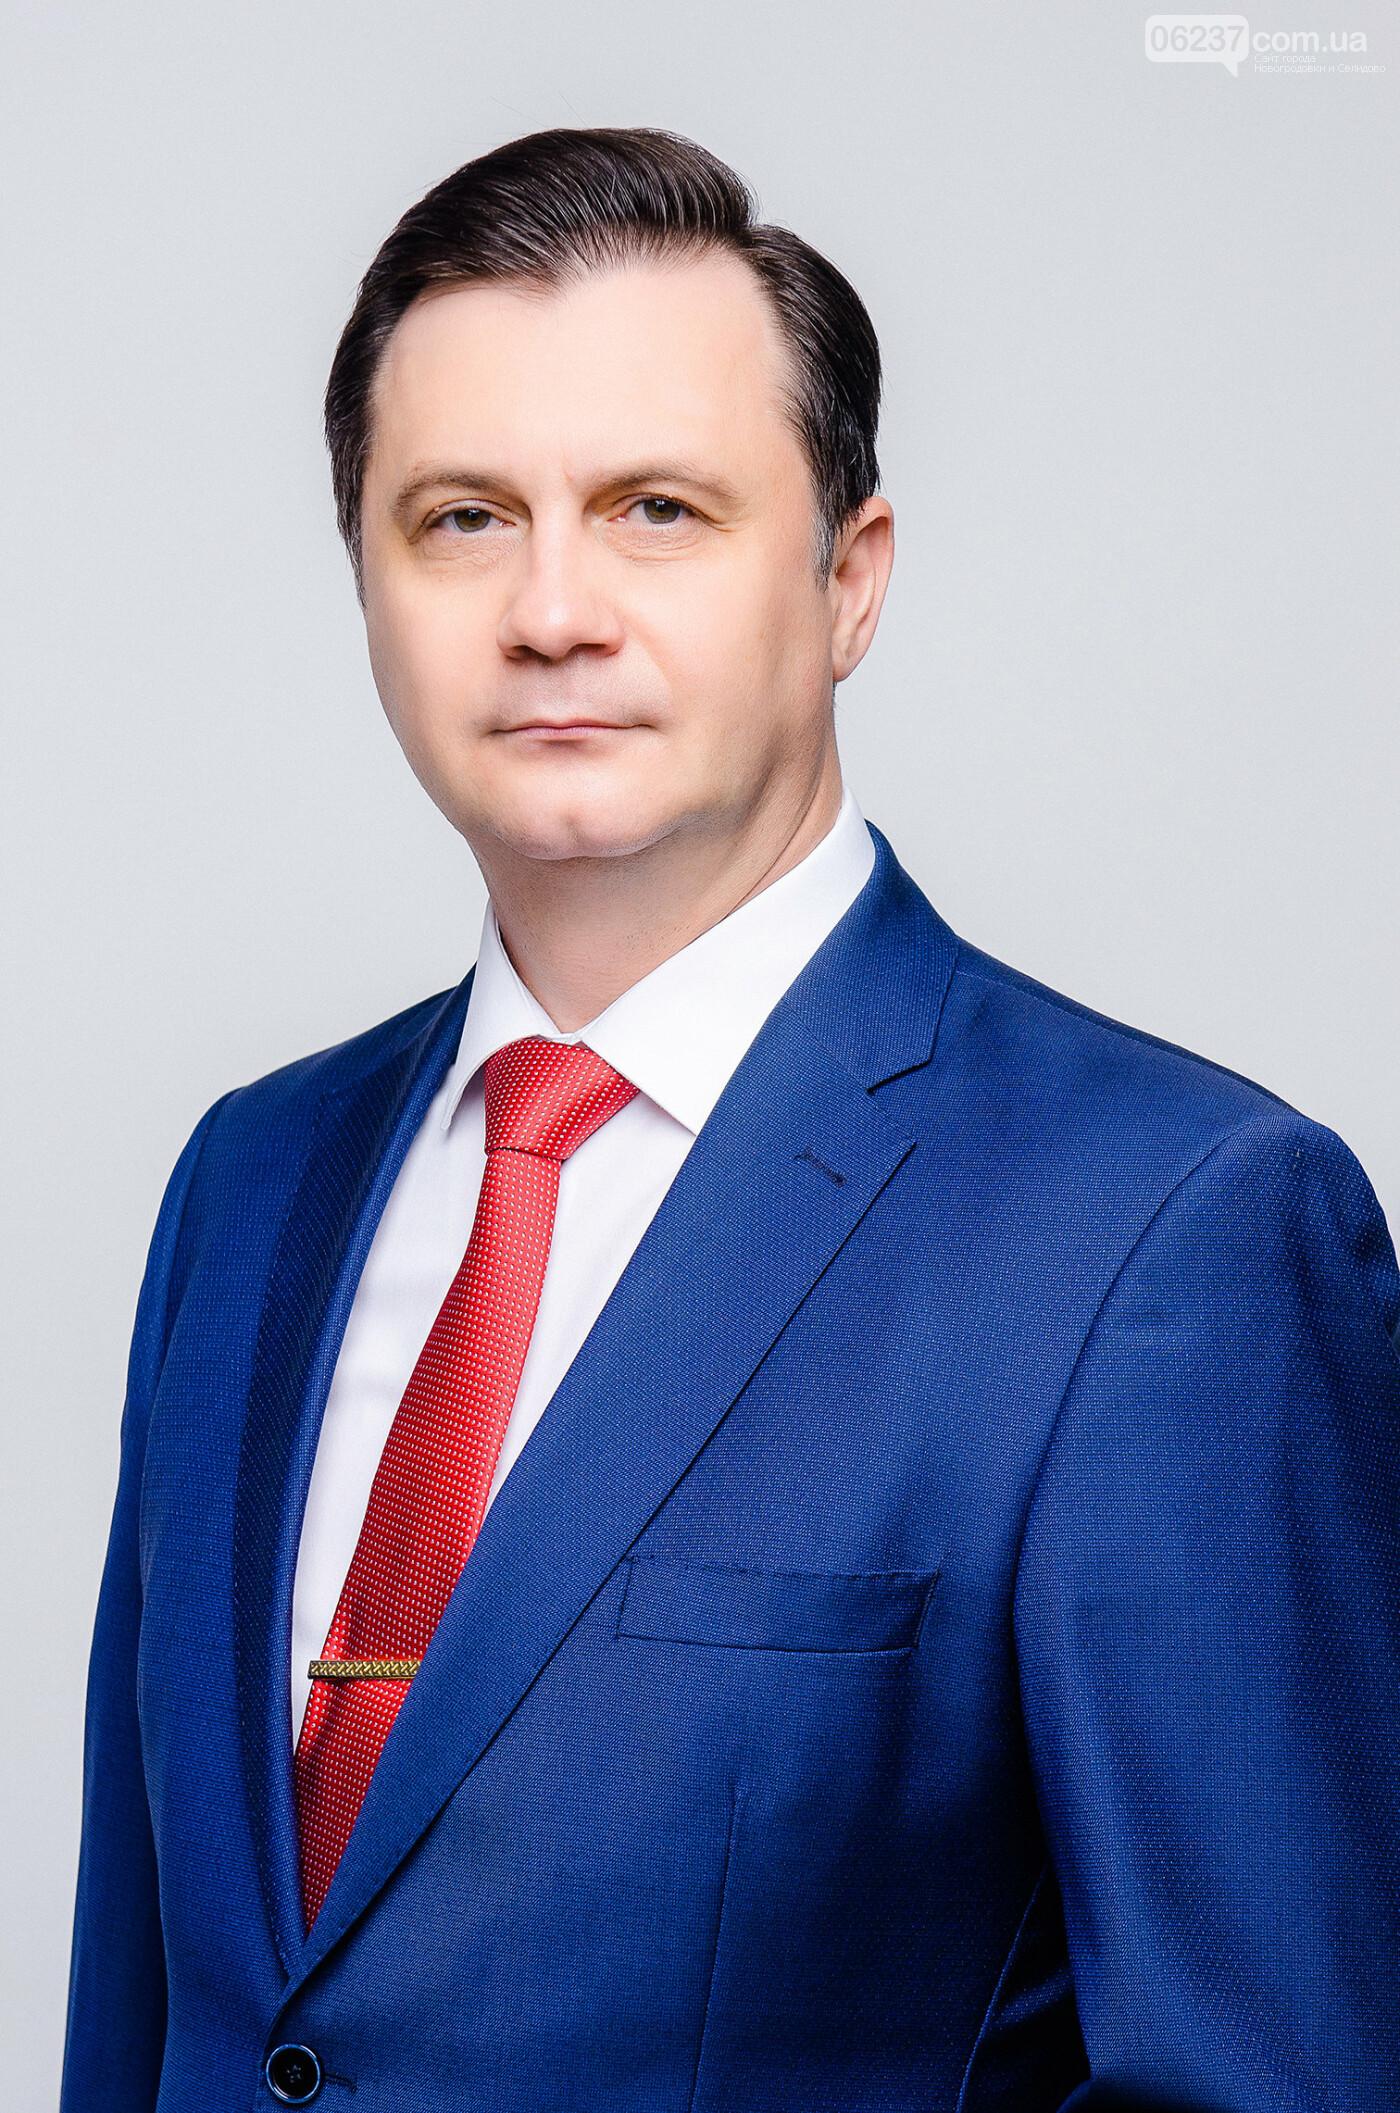 Передвиборна програма кандидата у народні депутати України в одномандатному виборчому округу № 59, фото-1